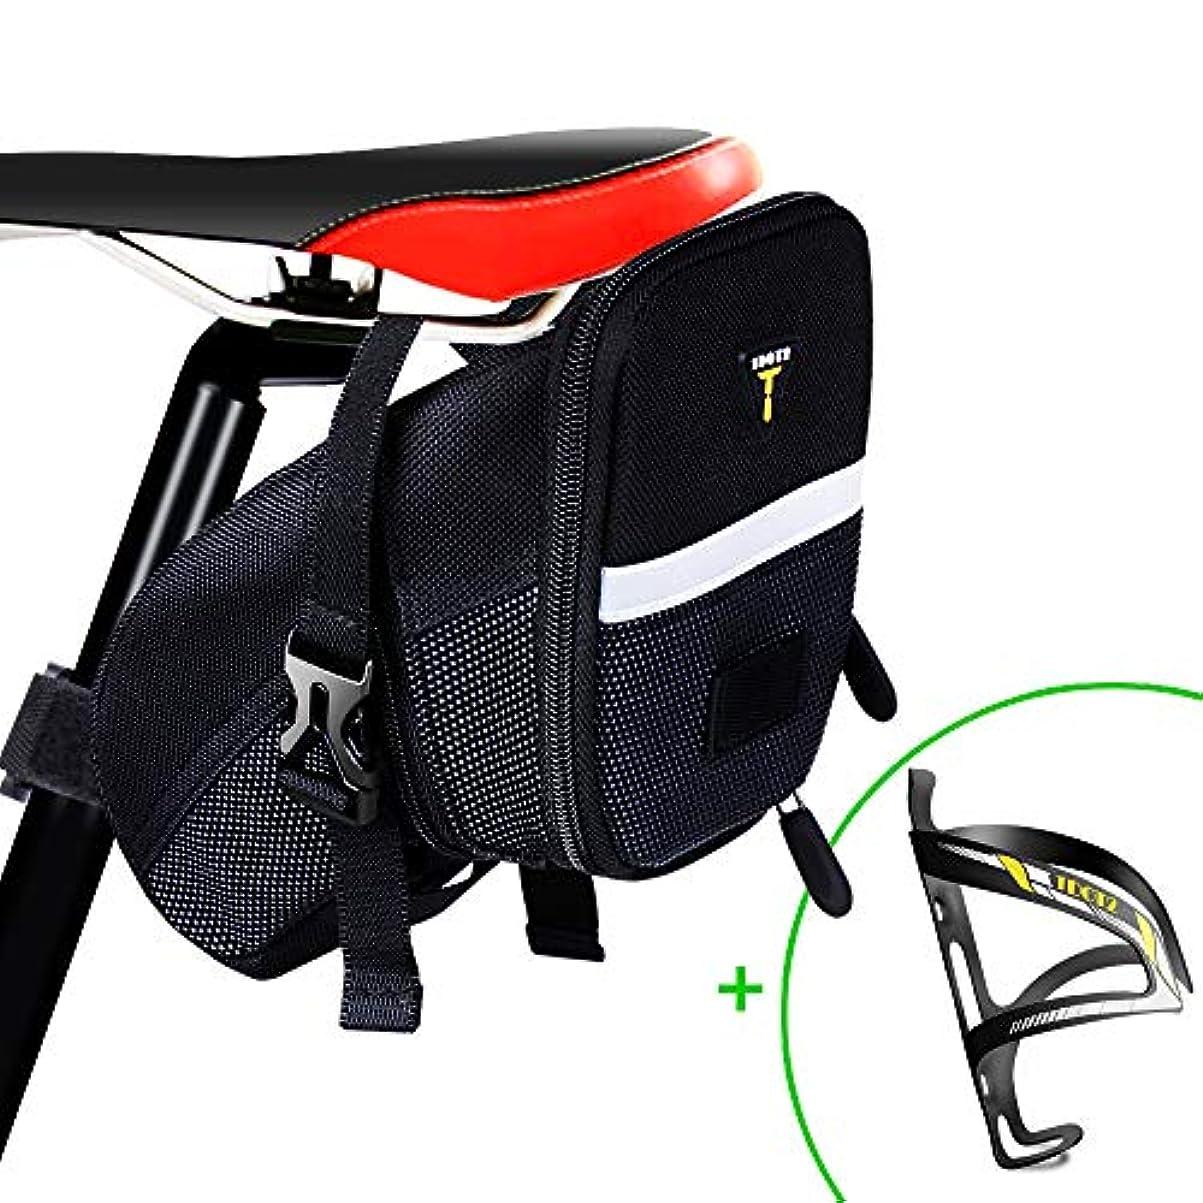 練習高原反抗自転車 サドルバッグ 小型 大容量 容量拡張可 防水 フレーム ロードバイク バッグ ブラック ボルトケージ付き